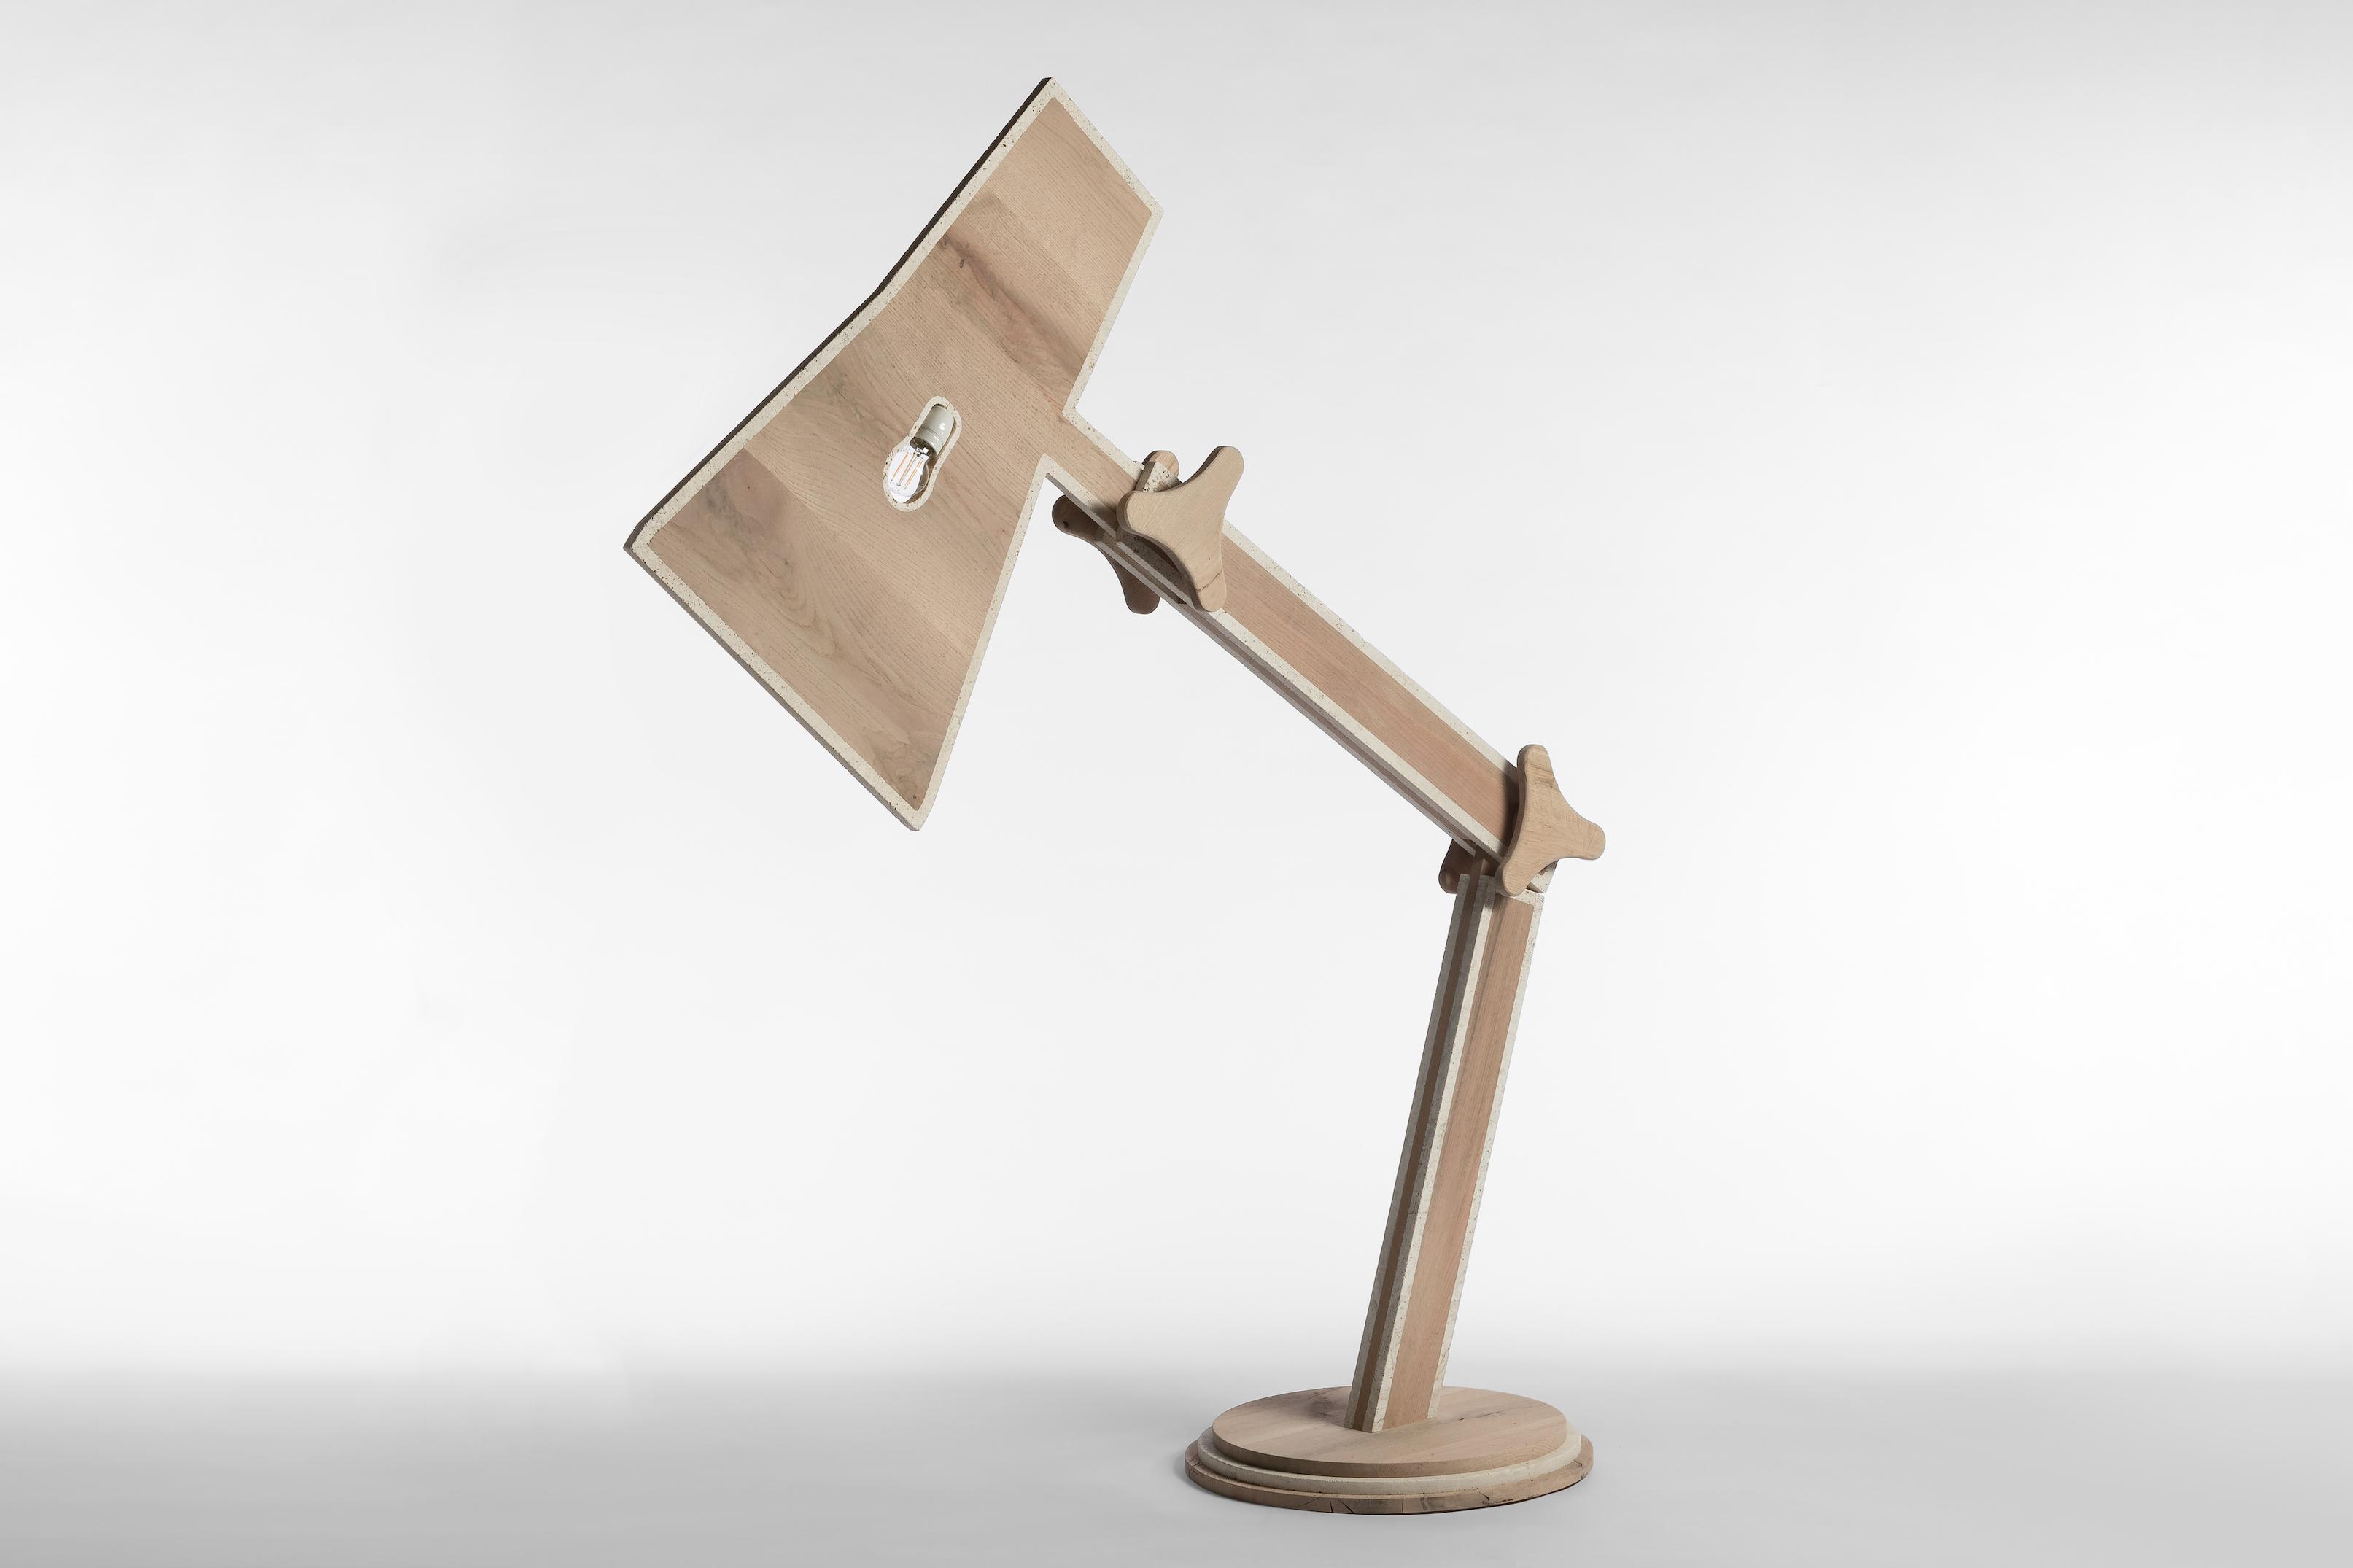 Incontro Lamp